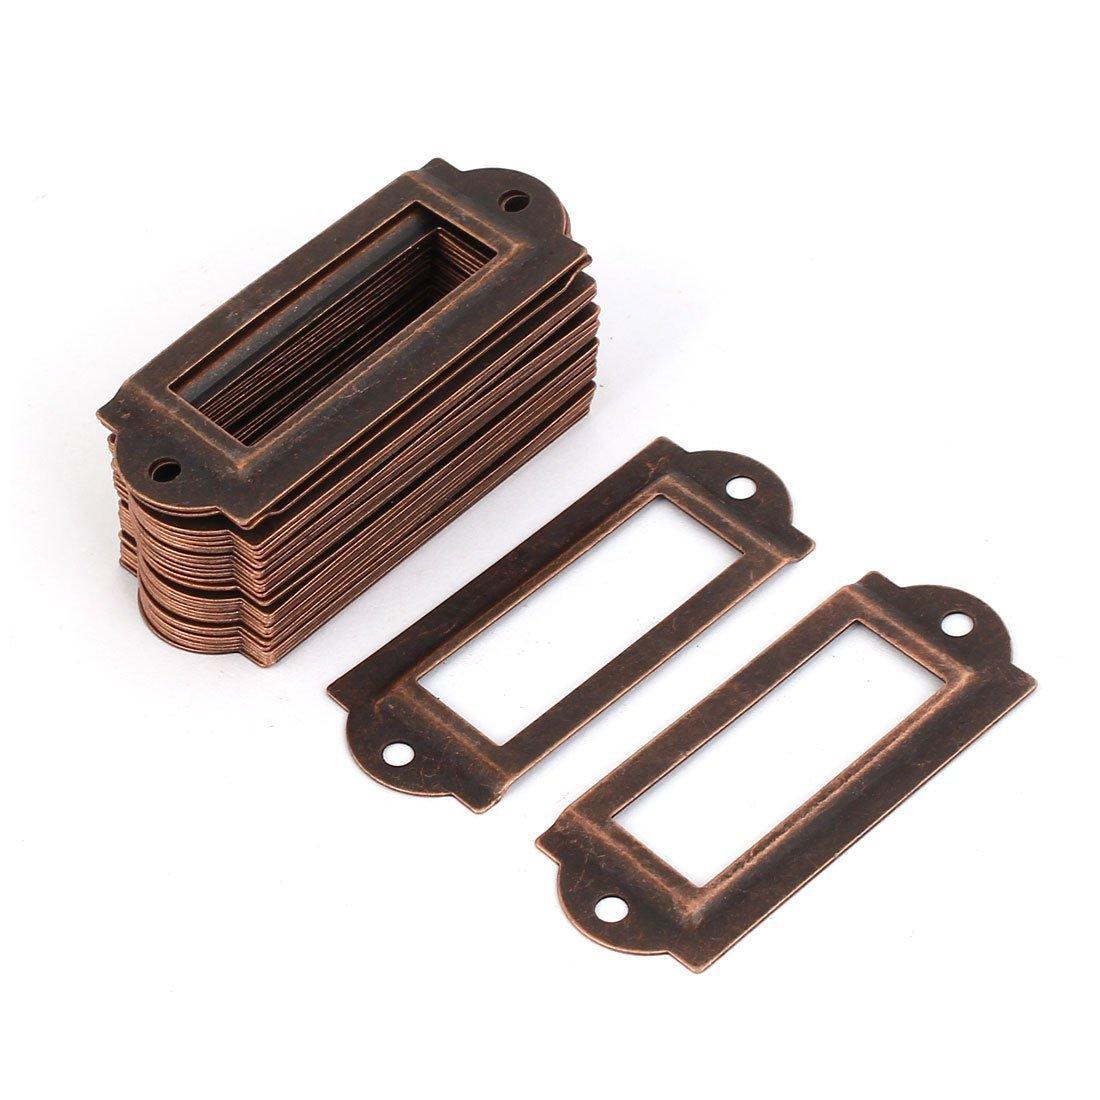 Uxcell - Organizador de cajones para tarjetas con nombre y etiqueta, color cobre, 30 piezas (a16062000ux0458) Dragonmarts Co. Ltd. / Uxcell